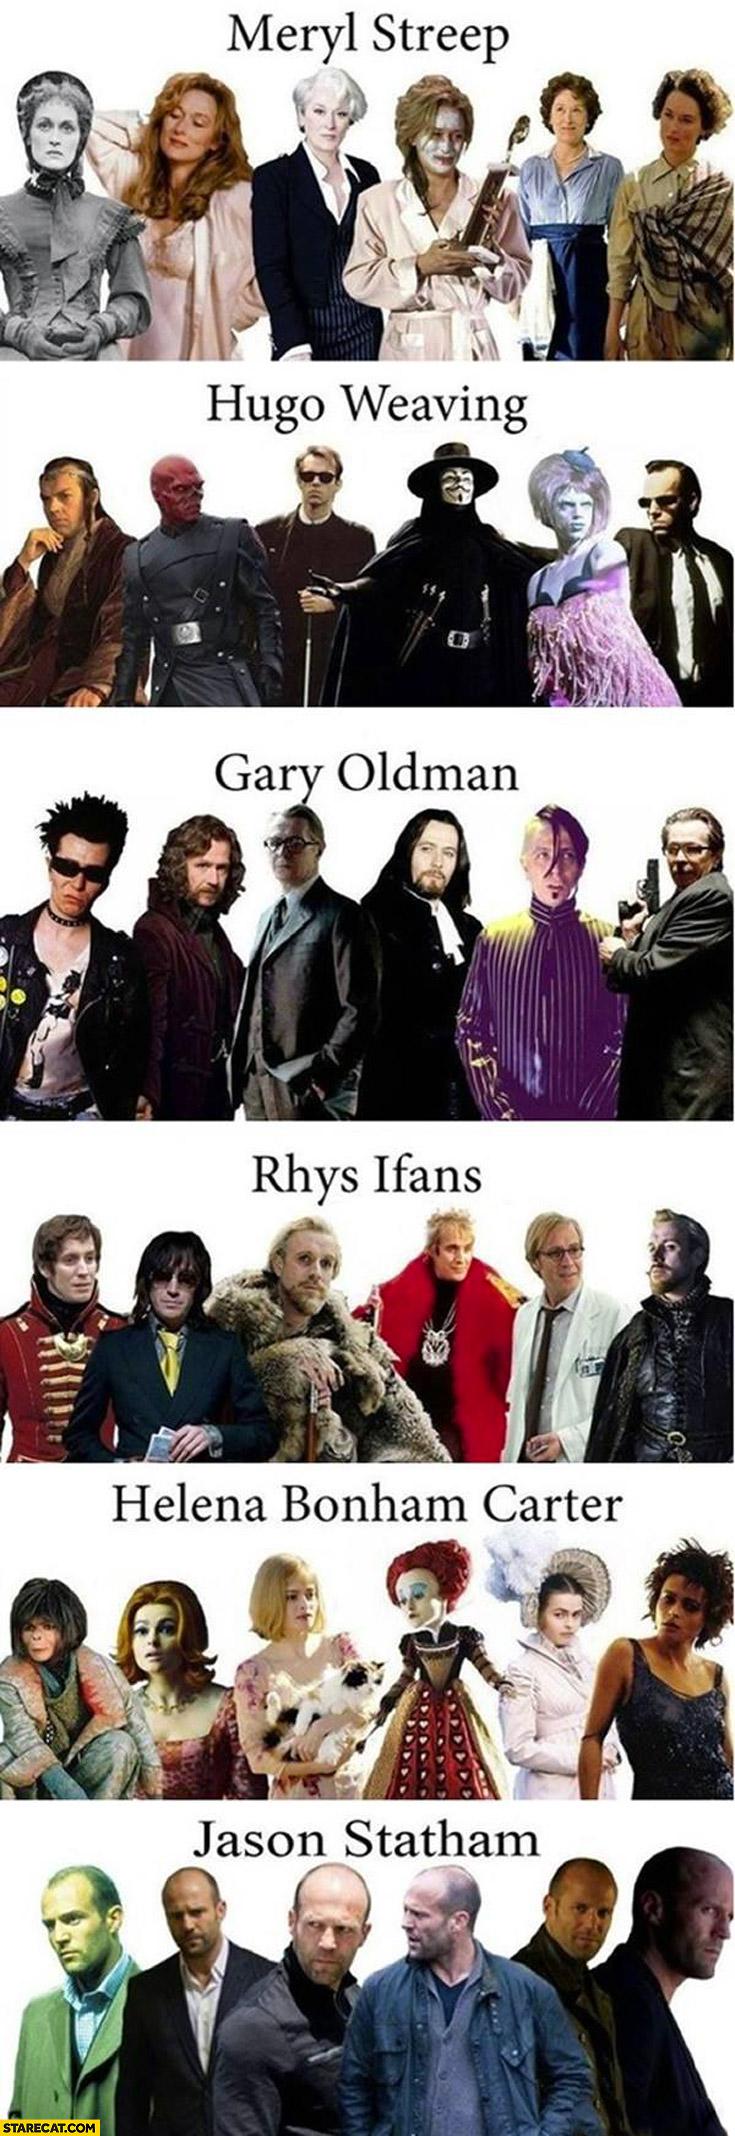 Maryl Streep, Hugo Weaving, Gary Oldman, Rhys Ifans, Helena Bonham Carter, Jason Statham